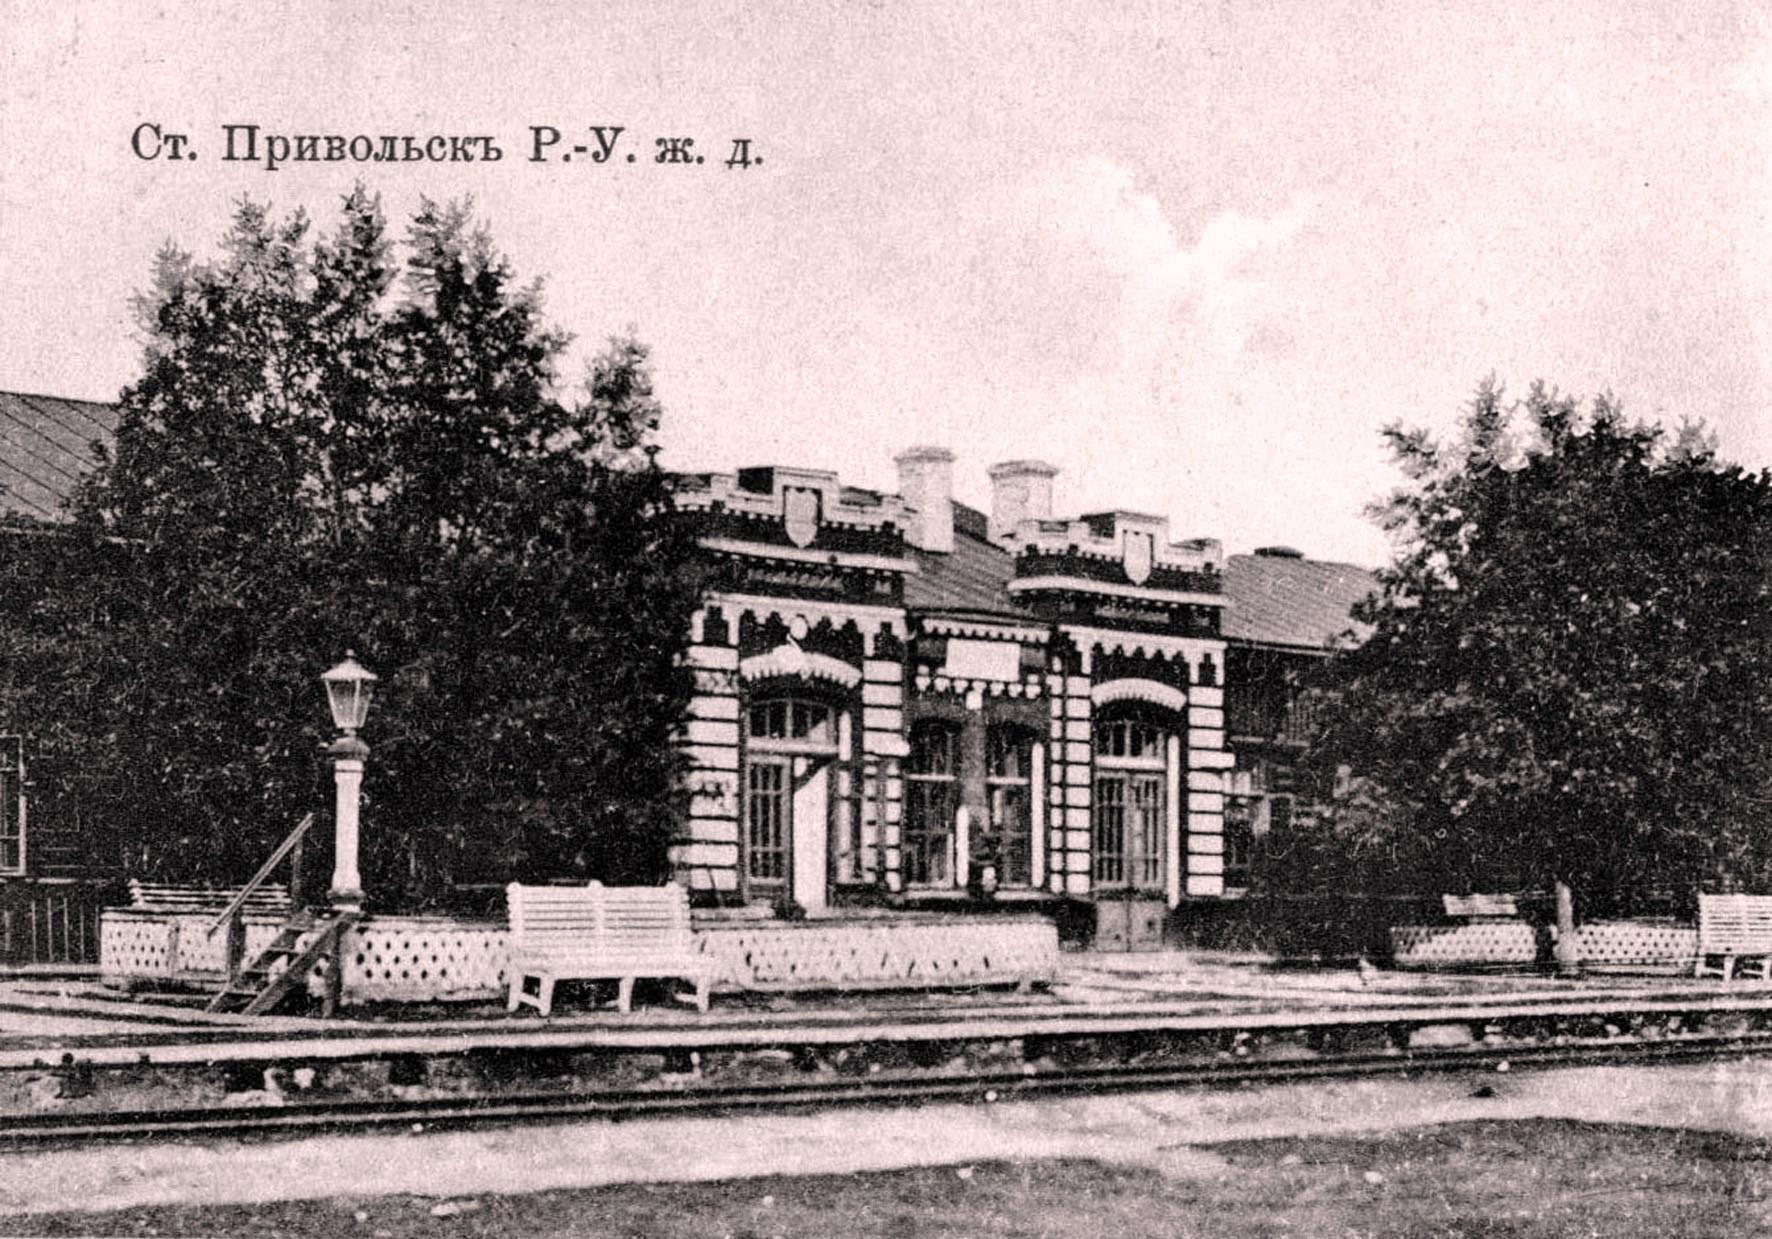 Привольская станция.